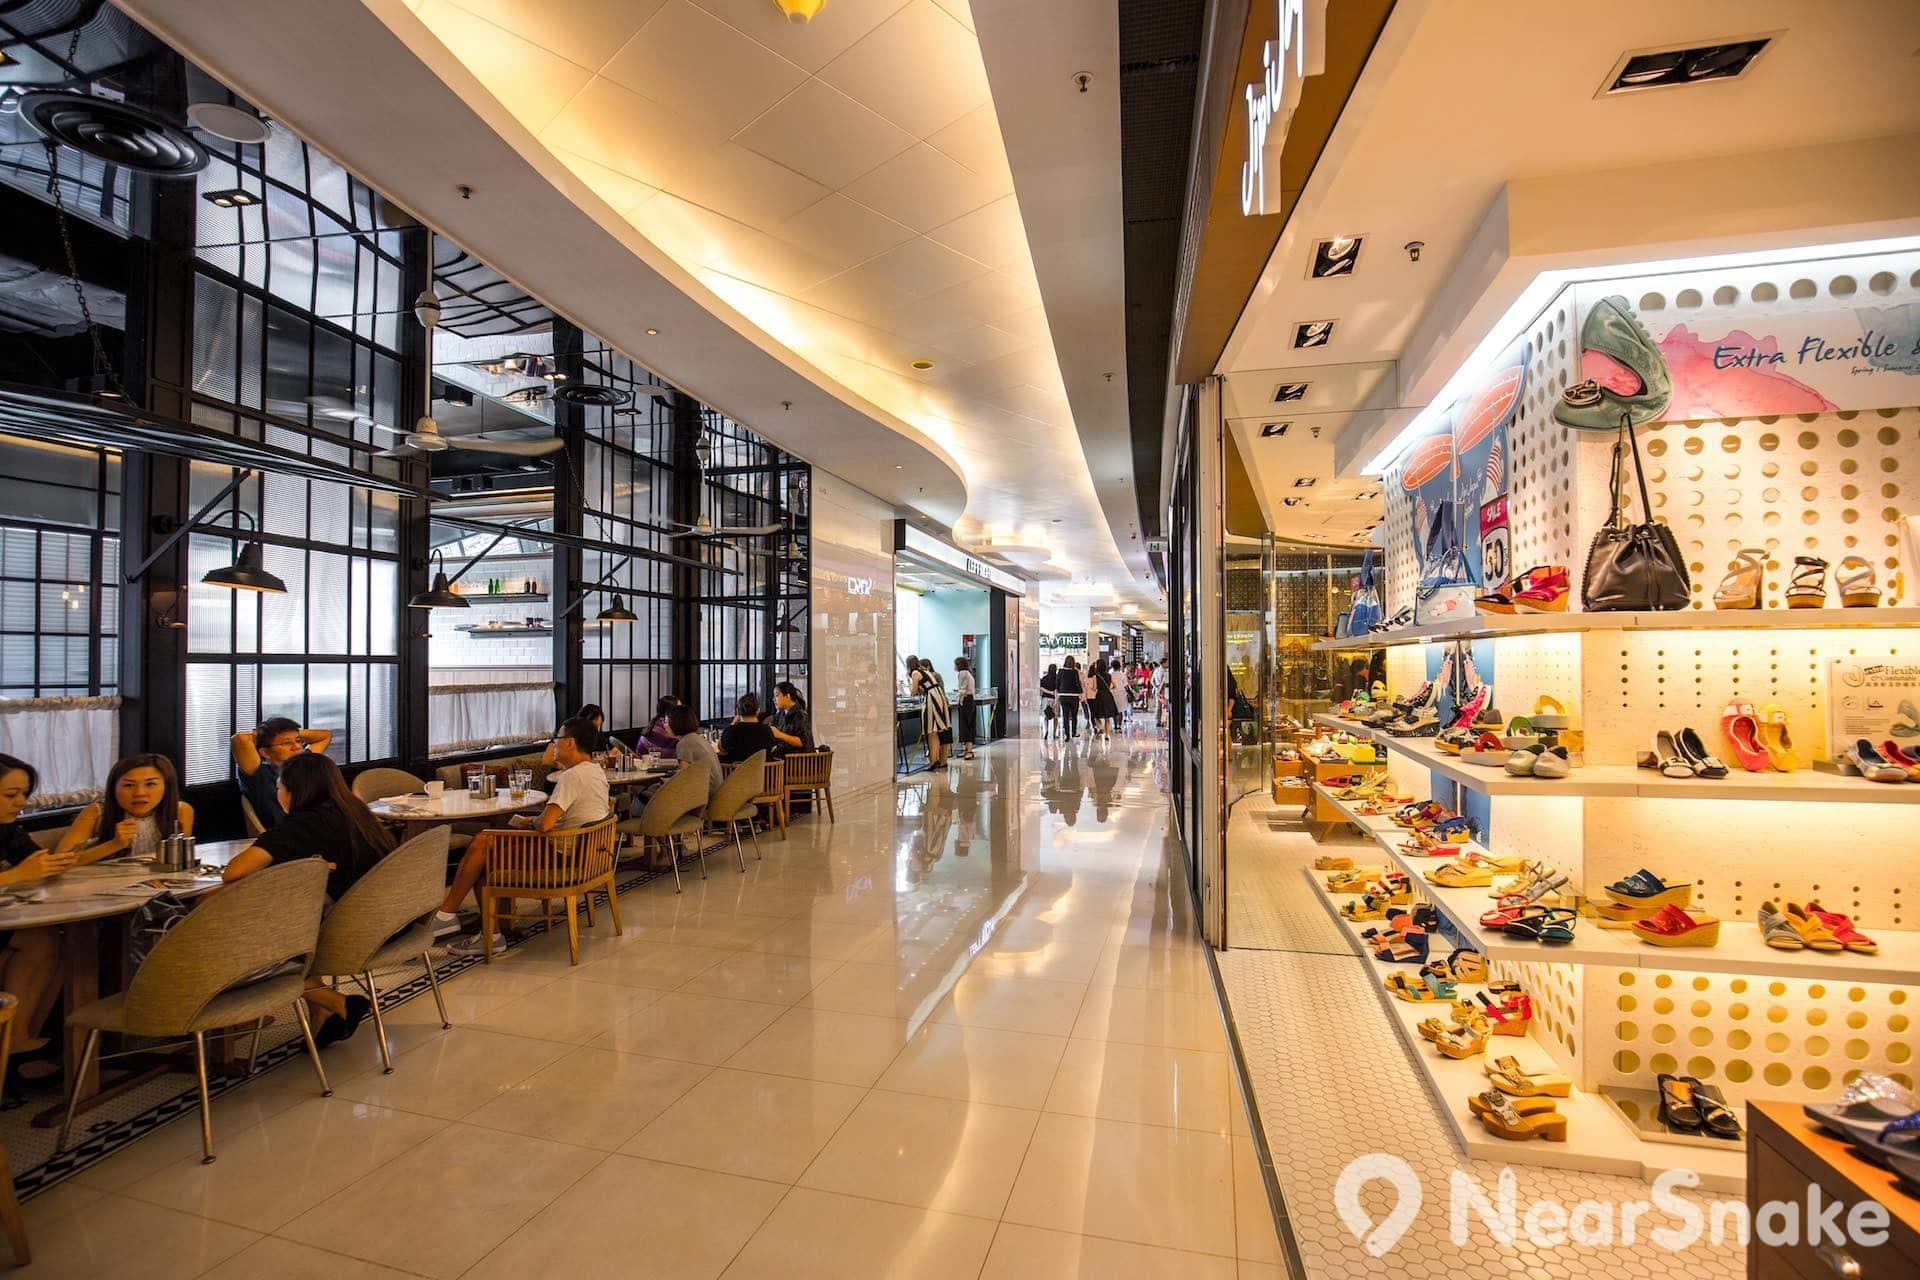 apm 商場內部分餐廳的營業時間可達凌晨 2:00。